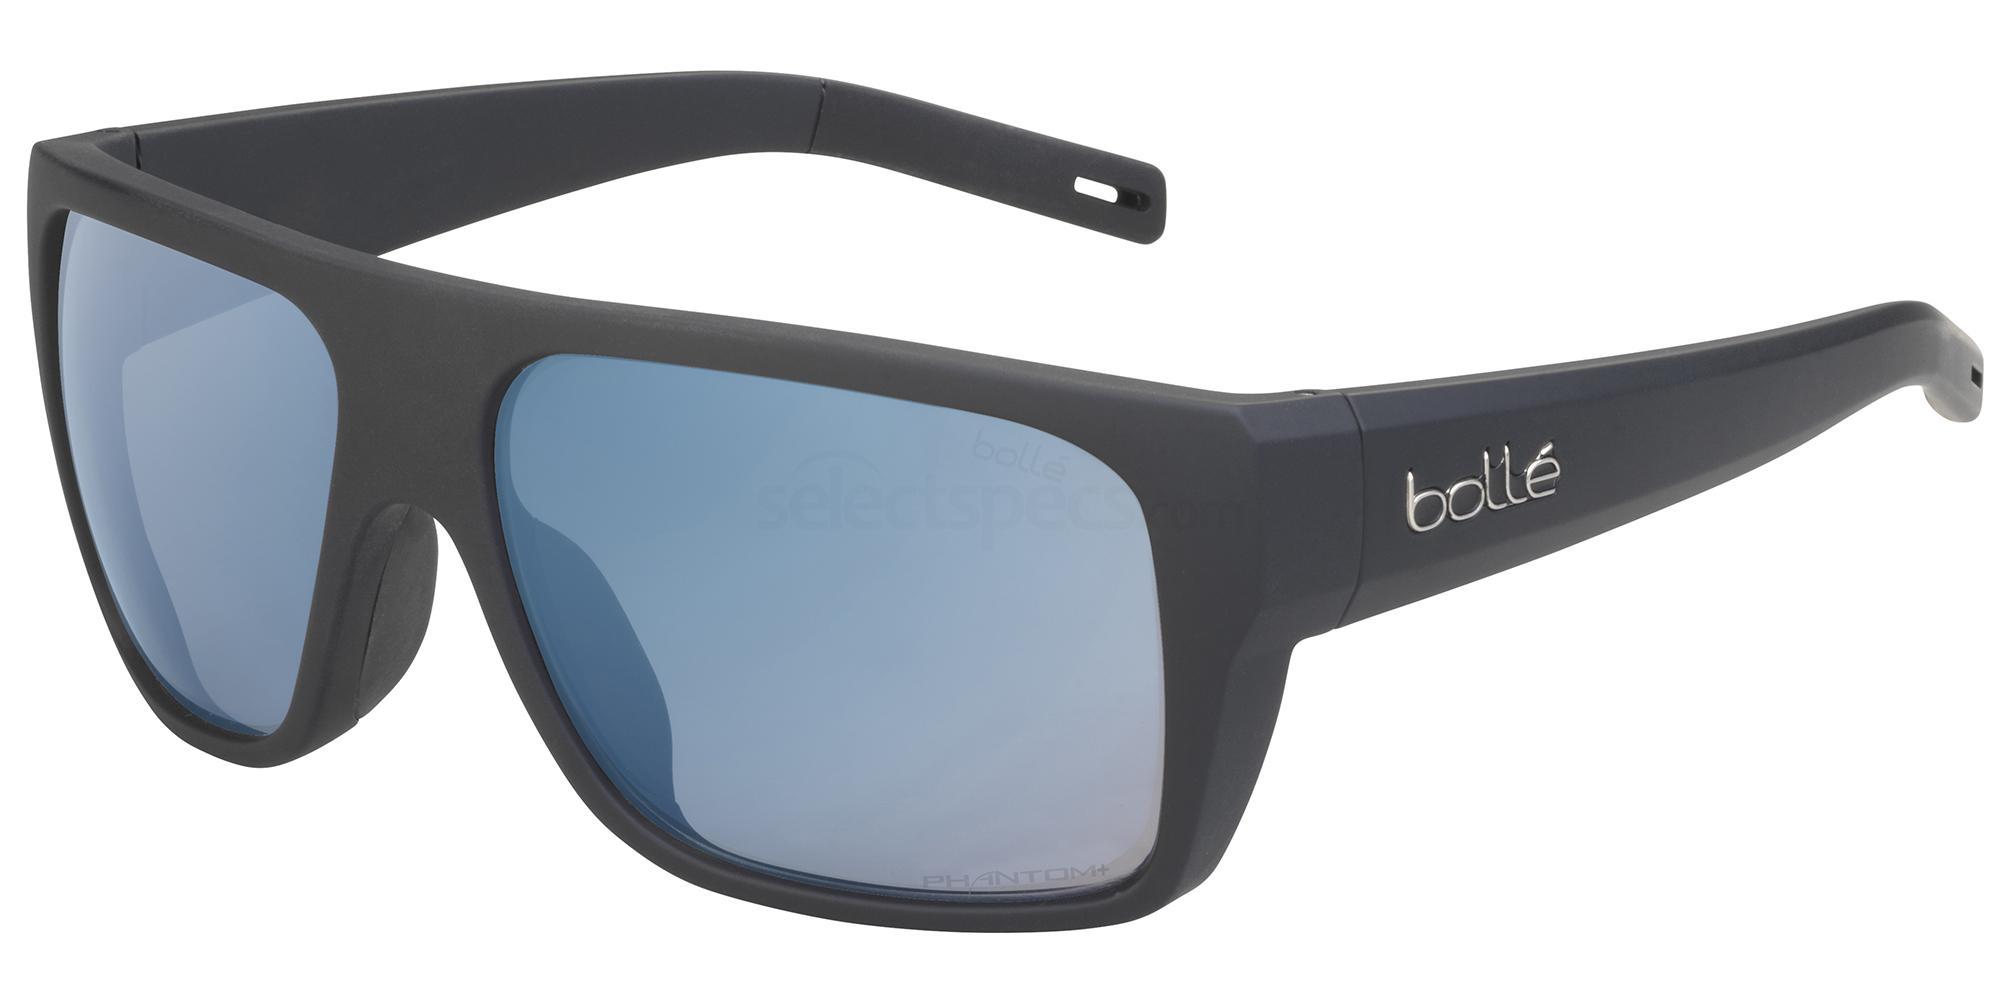 12639 FALCO Sunglasses, Bolle